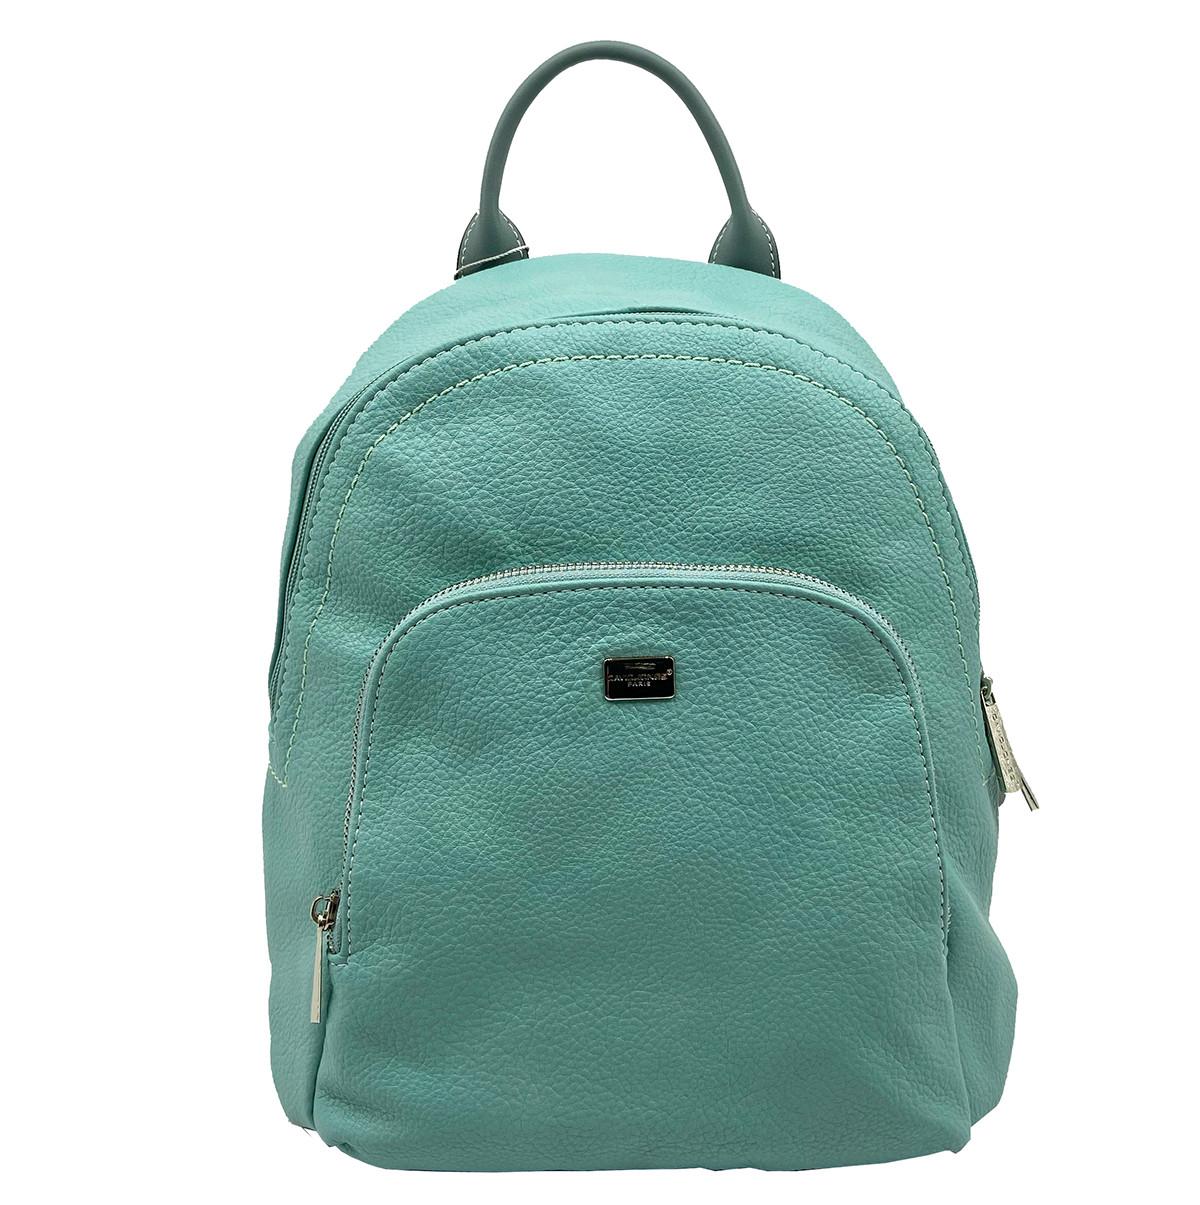 Женский рюкзак David Jones 30 x 26 x 13 см Зеленый (cm5146t)